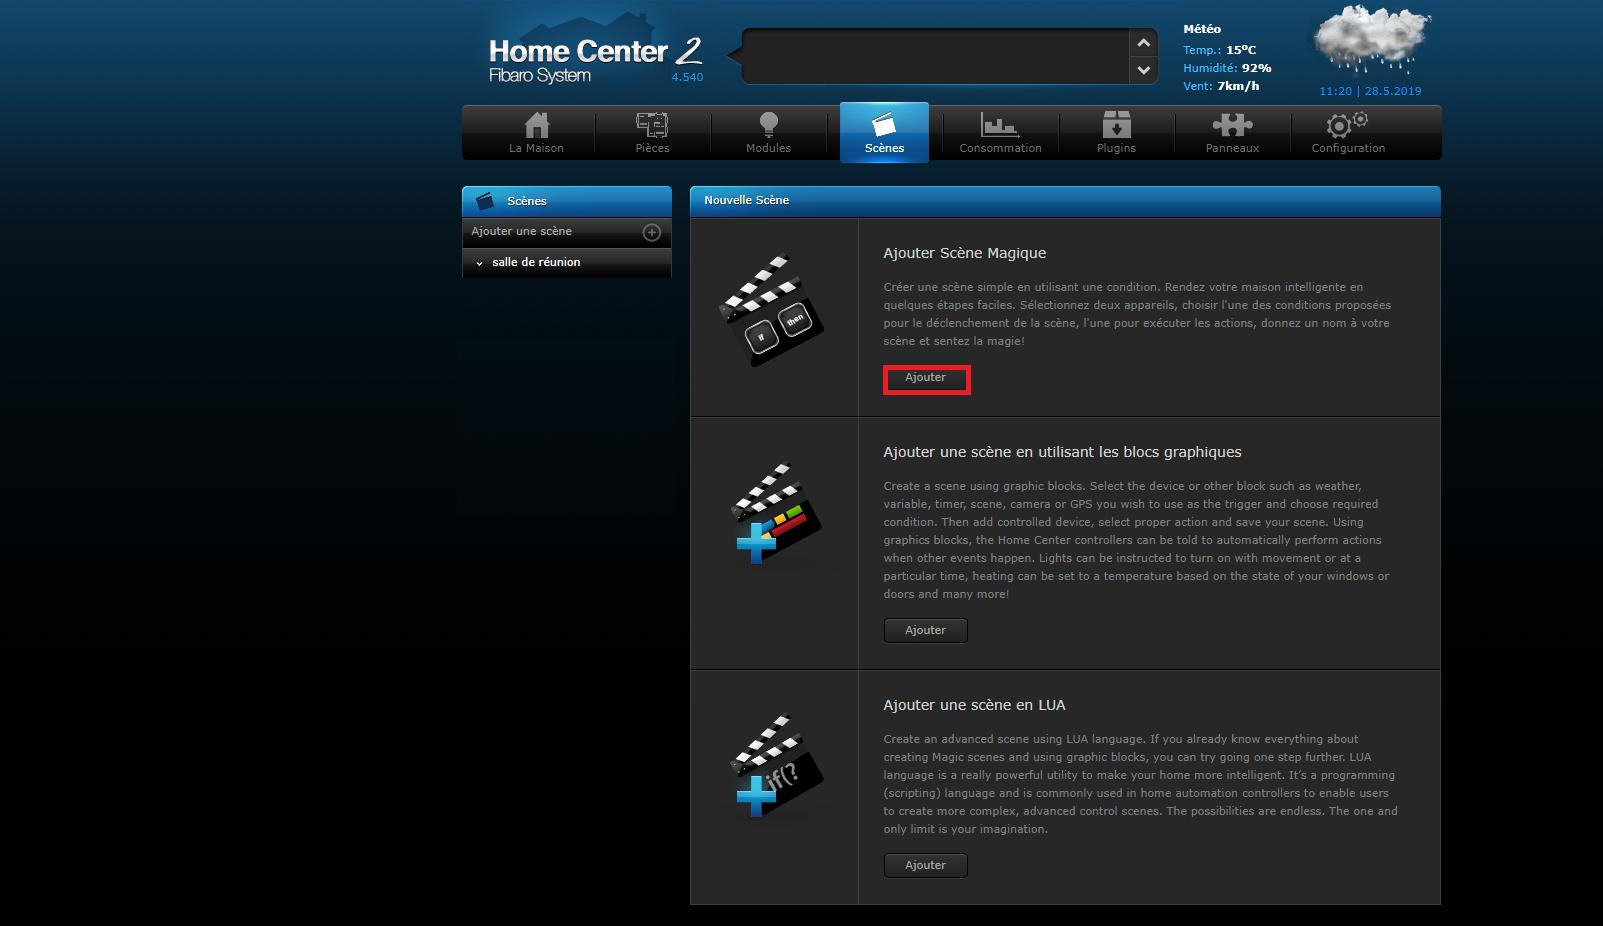 mise-en-service-interrupteur-intelligent-volet-roulant-box-home-center